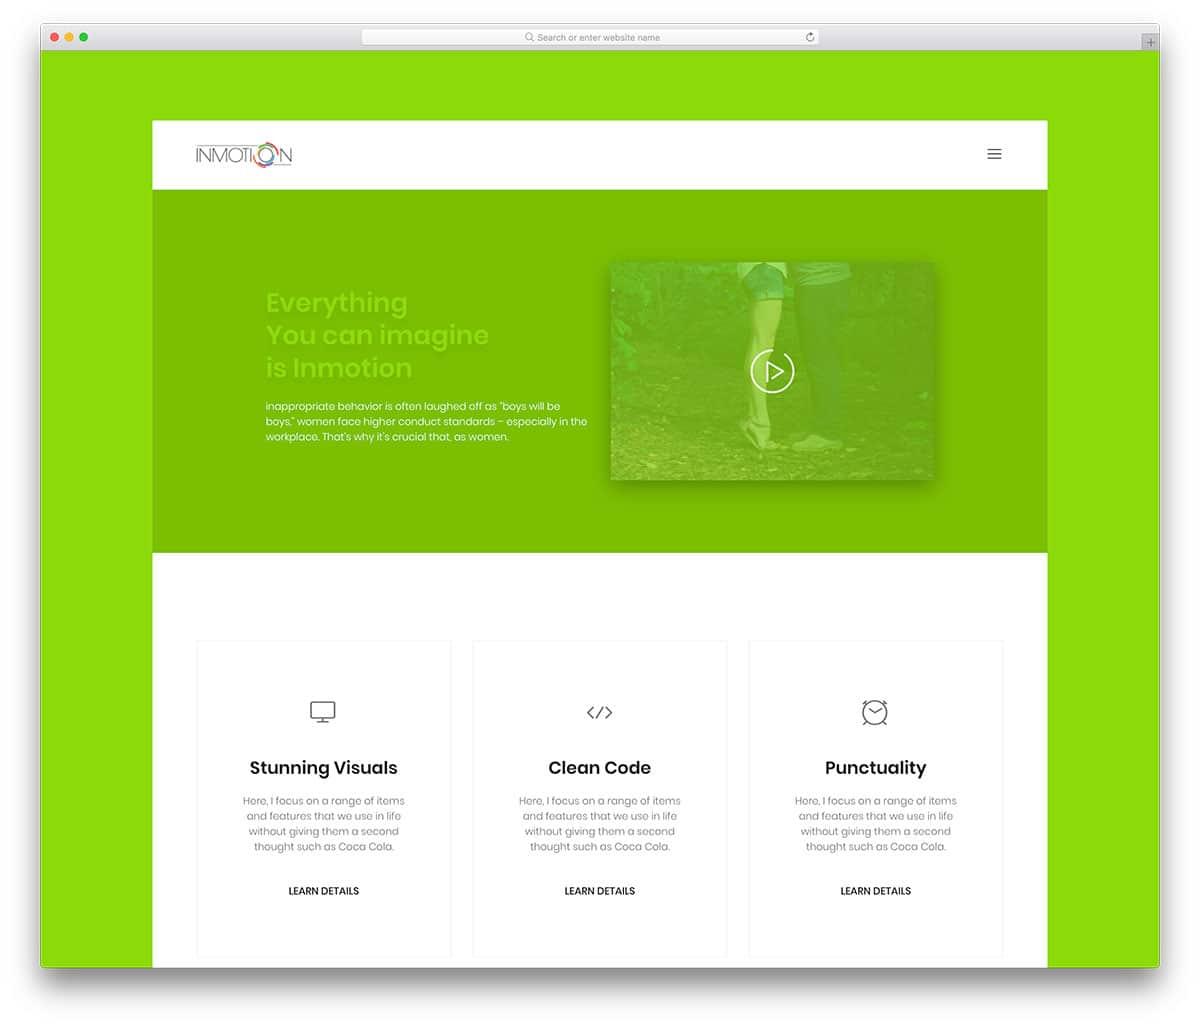 inmotion-free-landing-page-templates